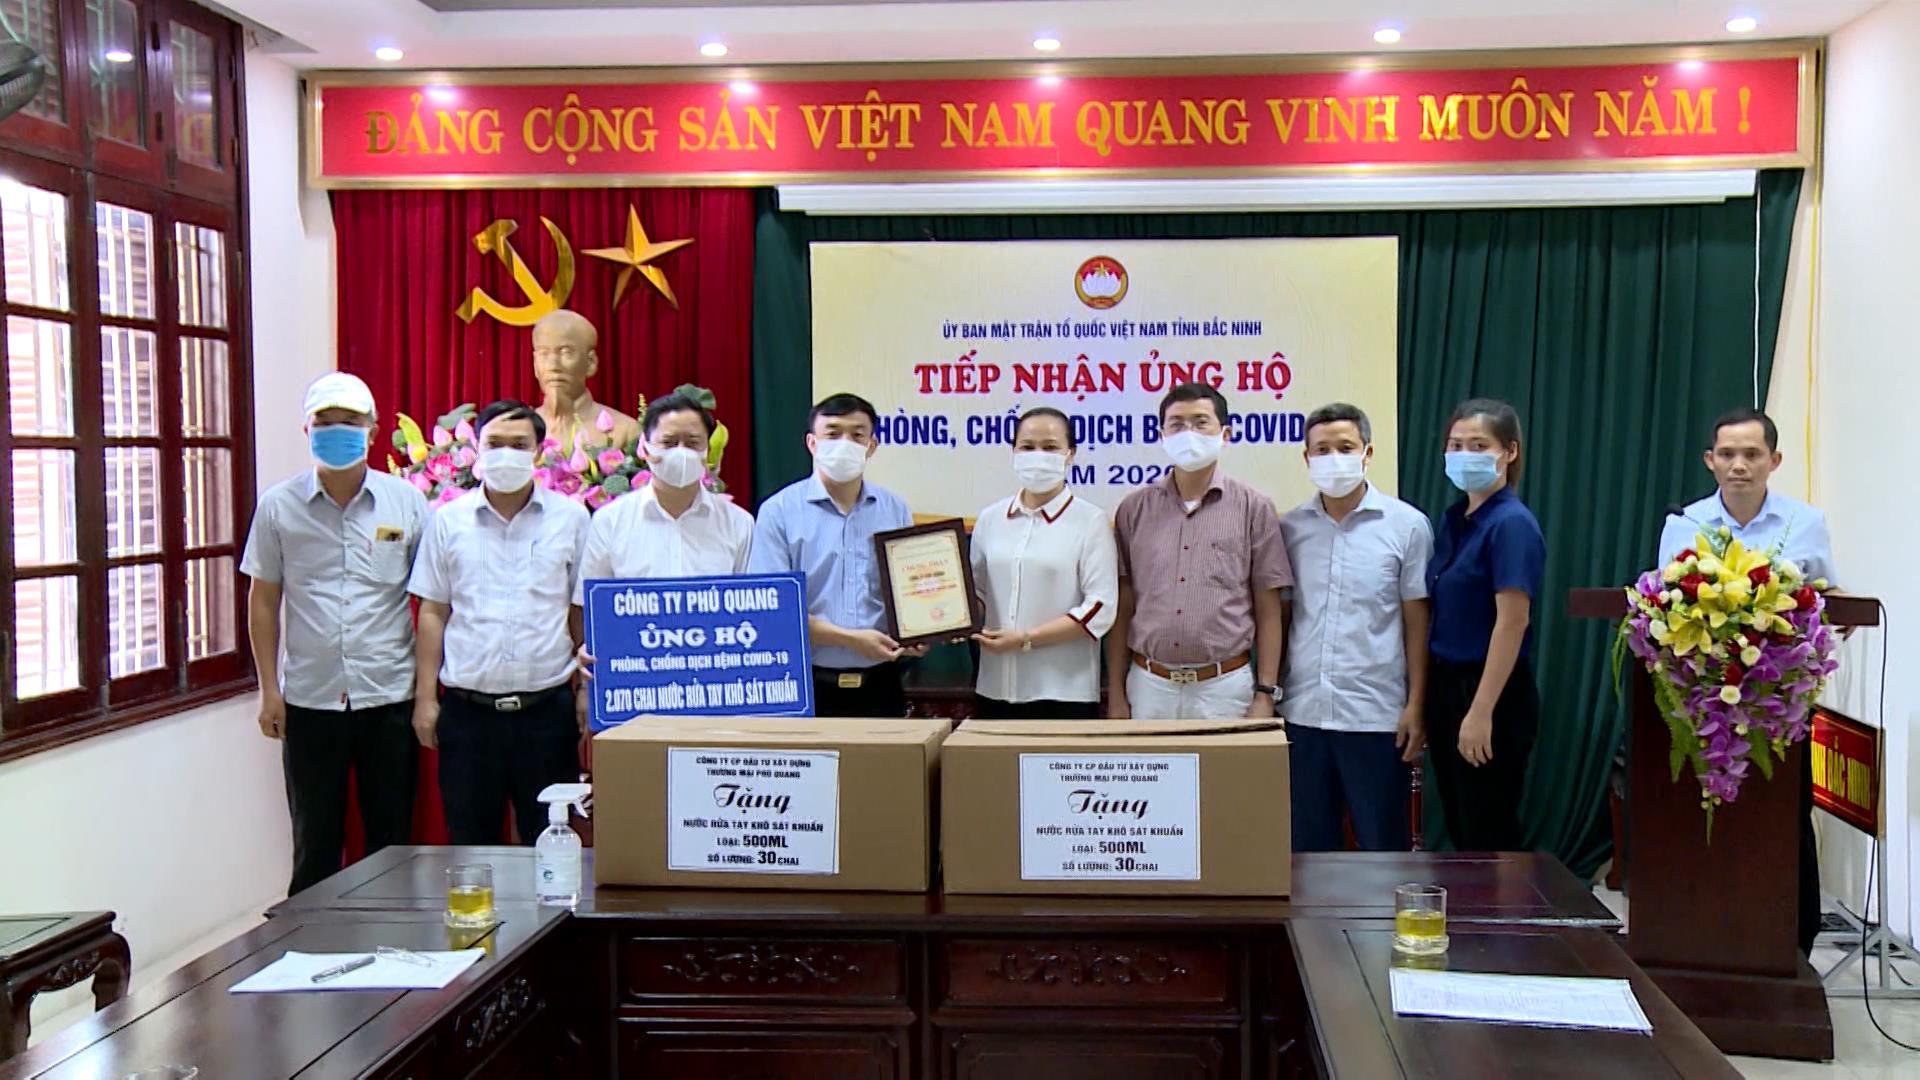 Ủy ban MTTQ tỉnh tiếp nhận ủng hộ phòng, chống dịch Covid-19